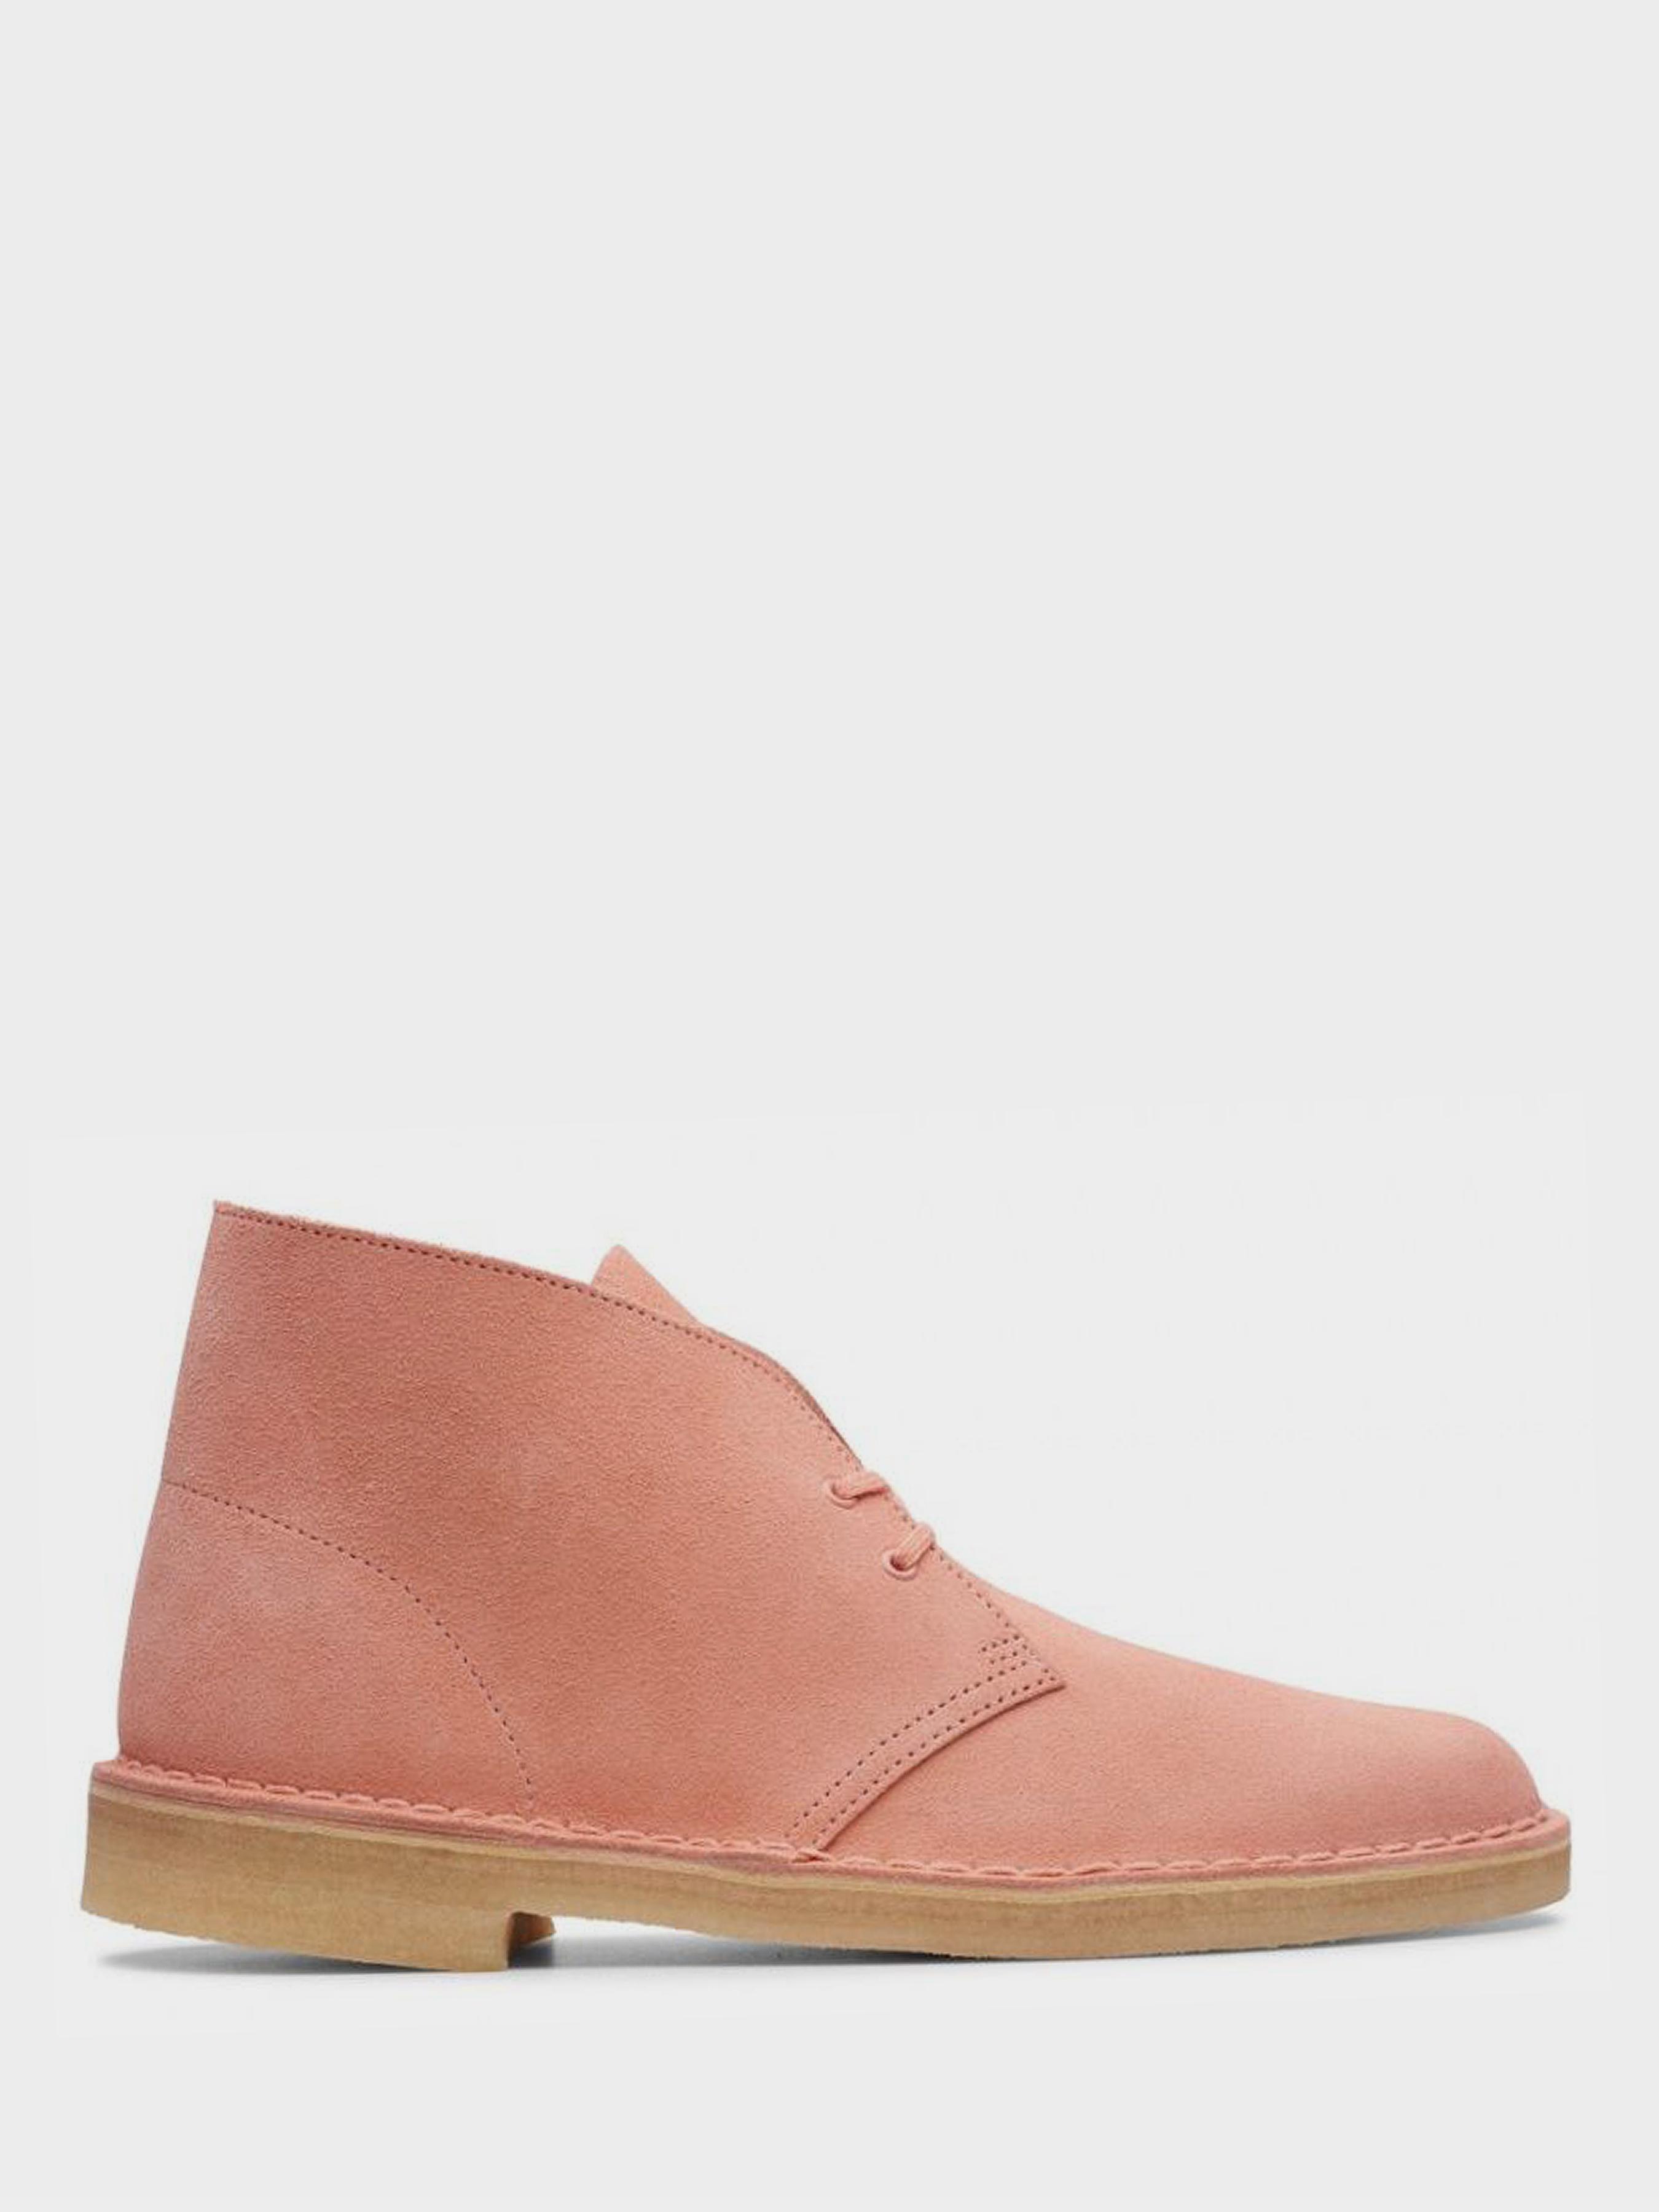 Ботинки женские Clarks Desert Boot. OW4391, Коралловый  - купить со скидкой